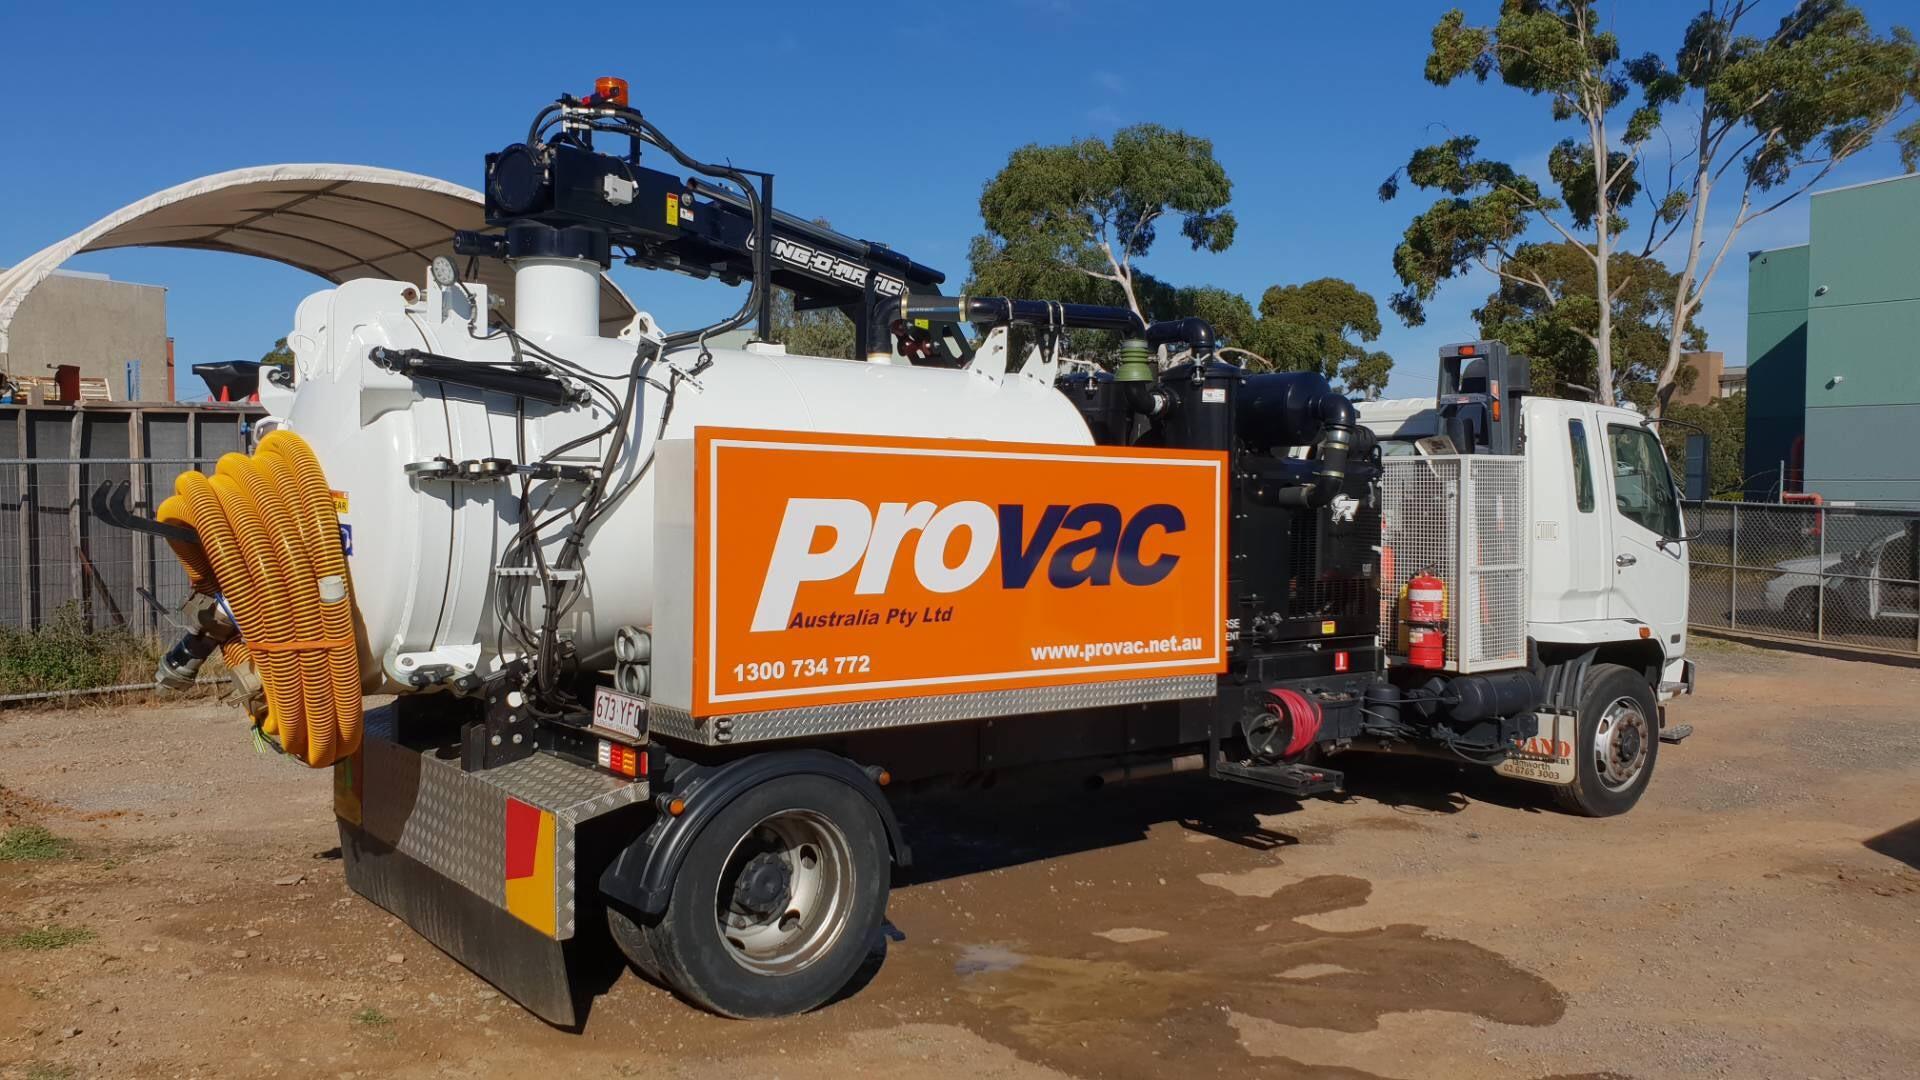 Vac Truck Provac Australia